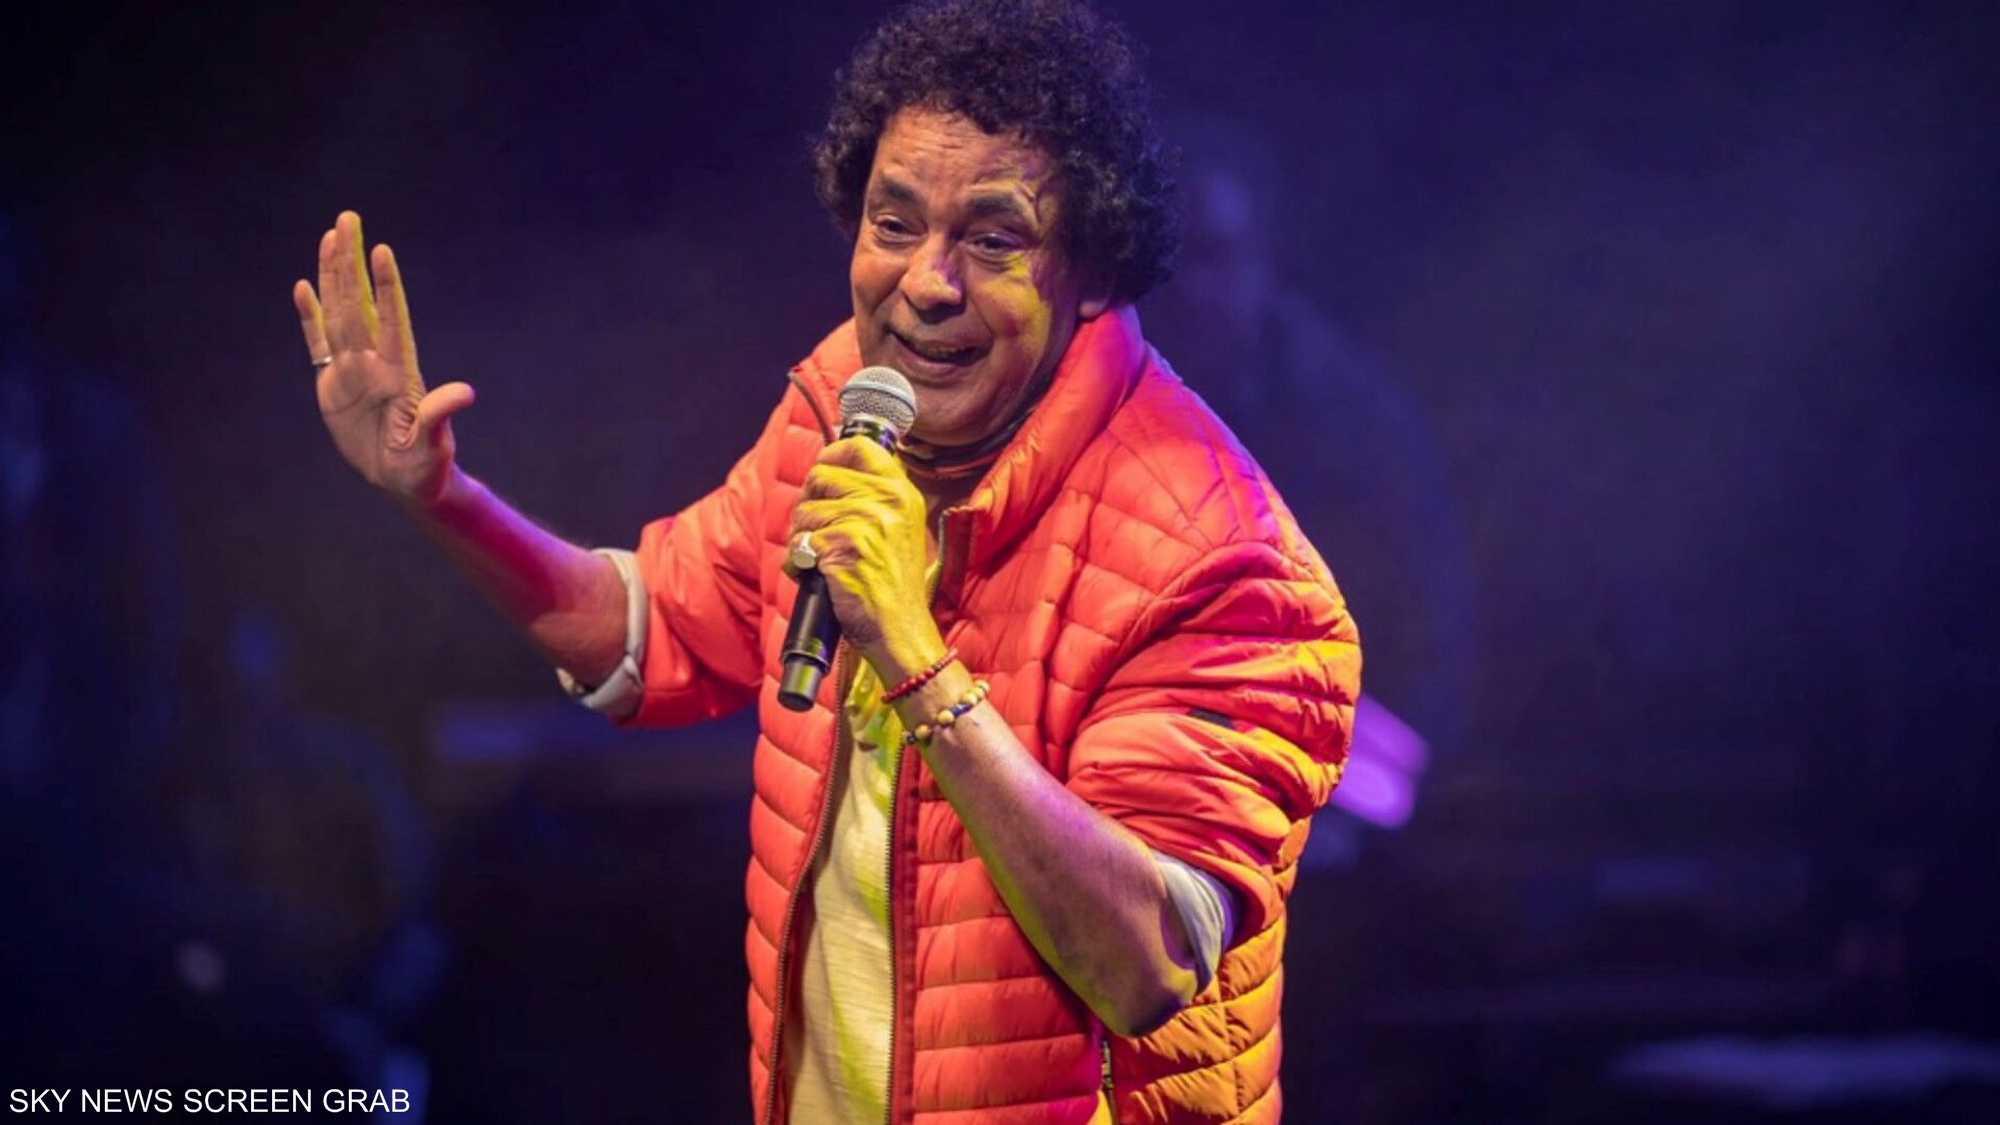 محمد منير يفتتح حفلات النجوم الكبار في مصر